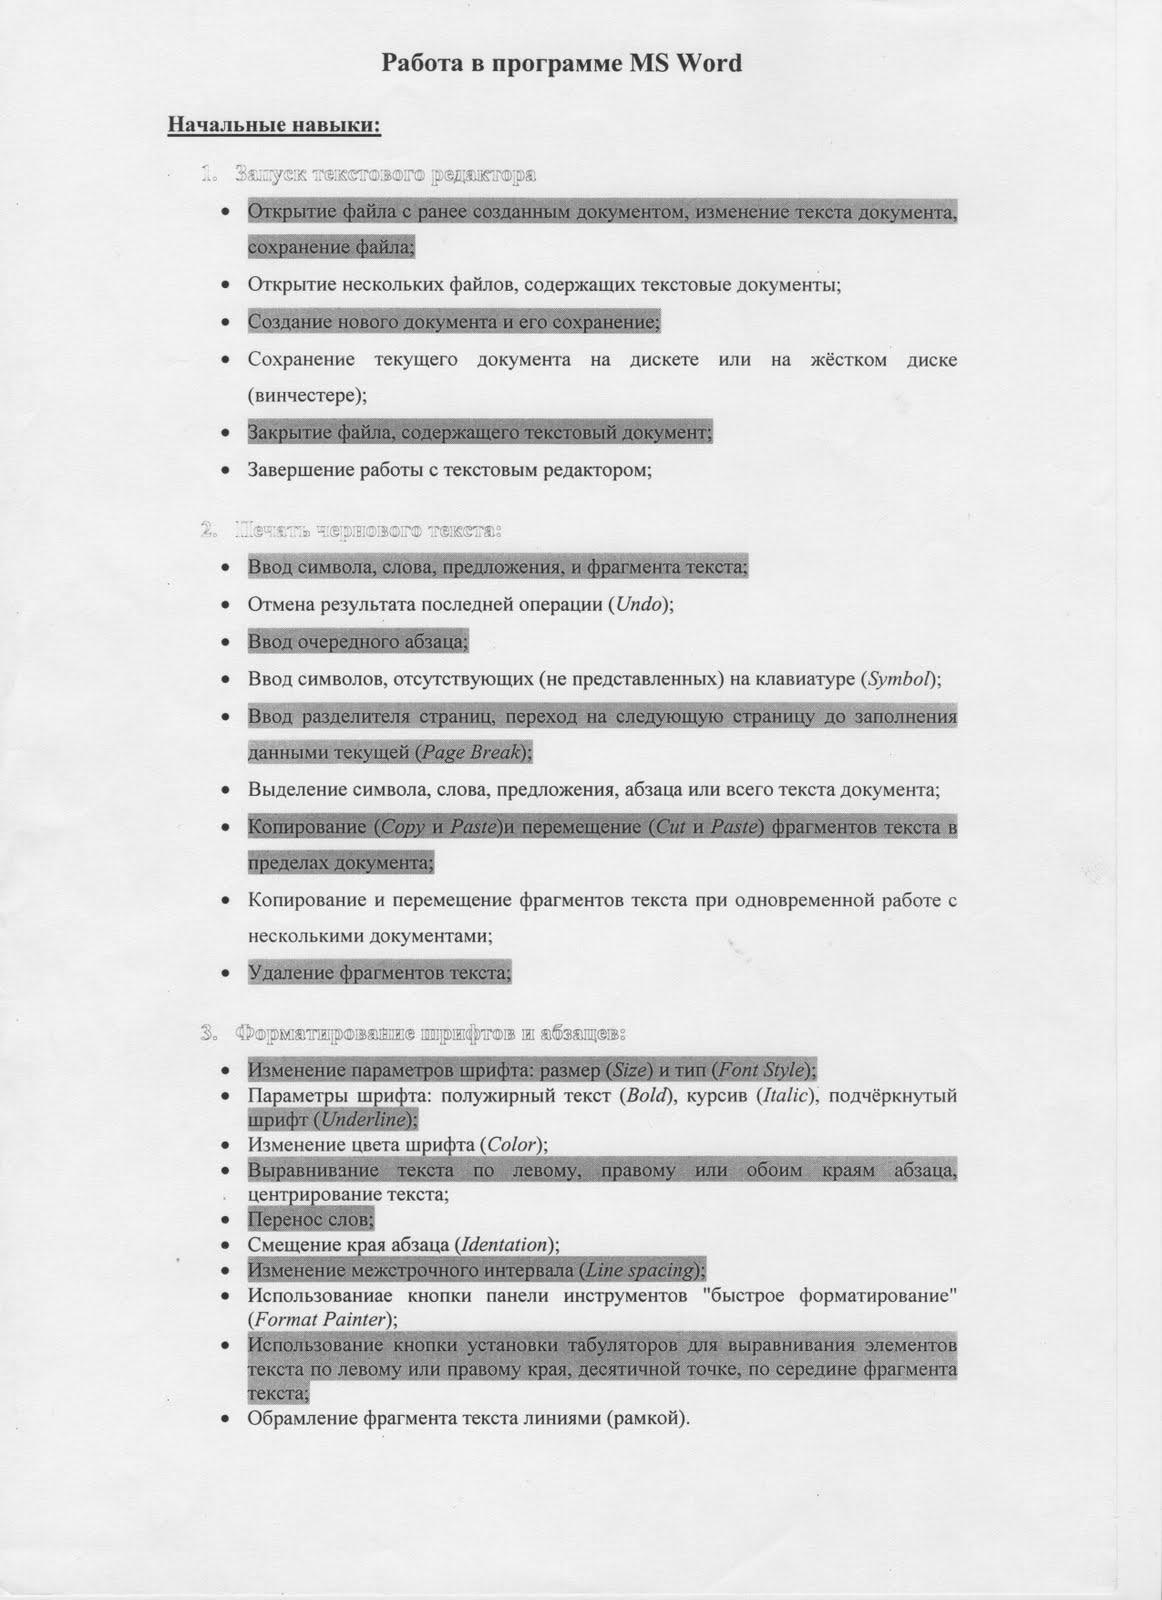 Готовимся к урокам Информатики Исправление работ Махтра  В реферате должно быть минимум 3 источника информации графические изображения Для реферата материал можете смотреть